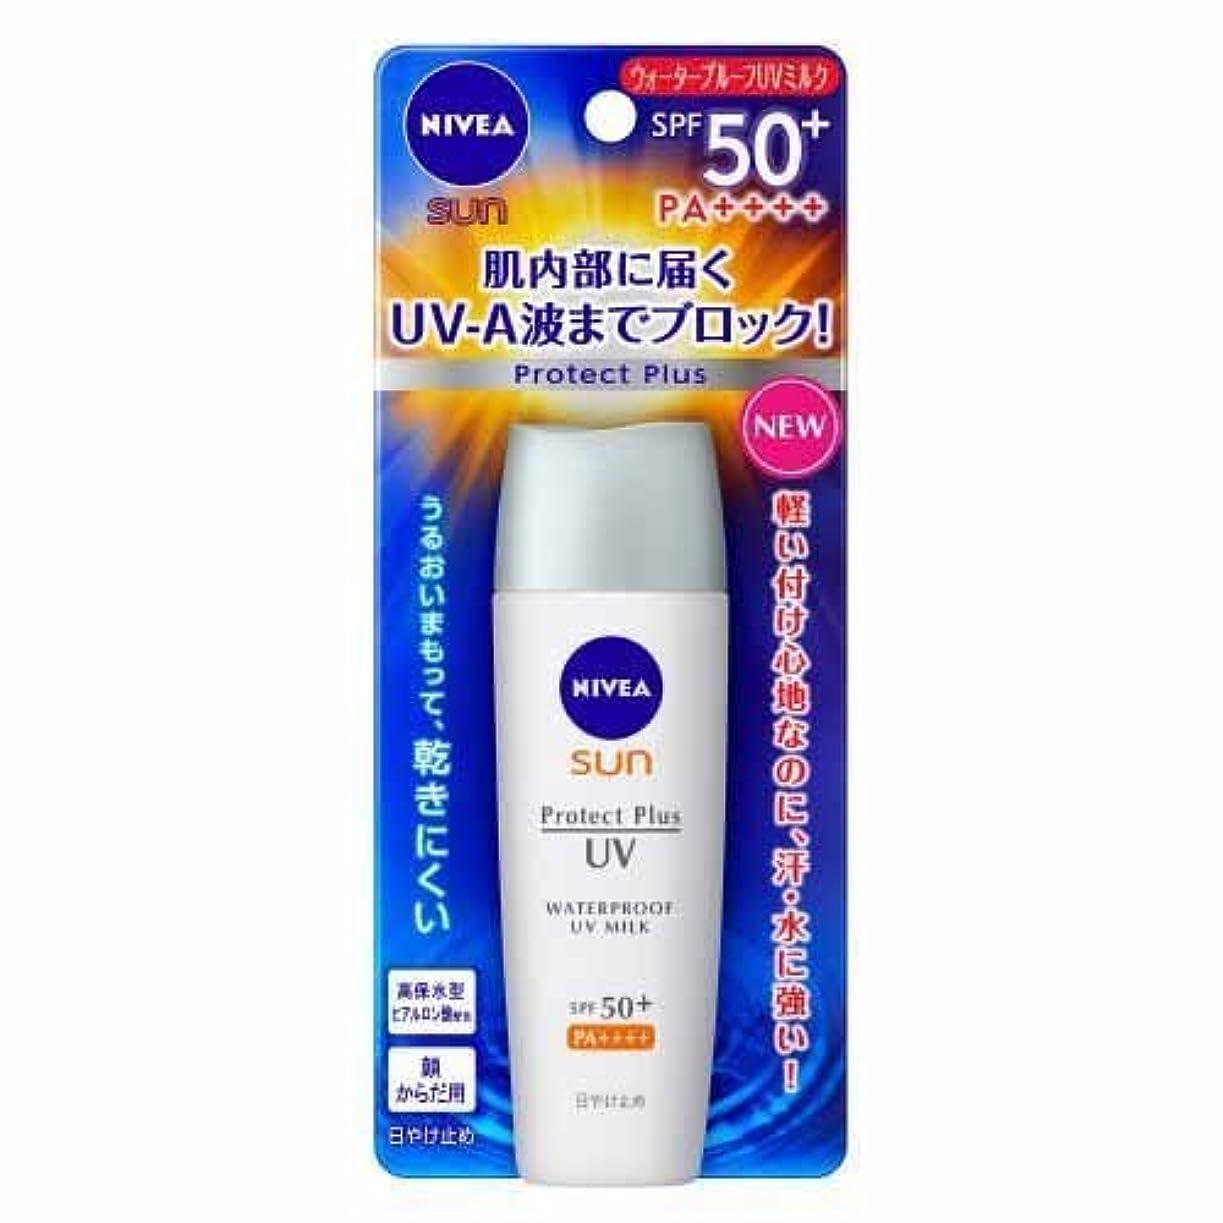 ニベアサン プロテクトプラス ウォータープルーフUVミルク SPF50+PA++++ 40ml